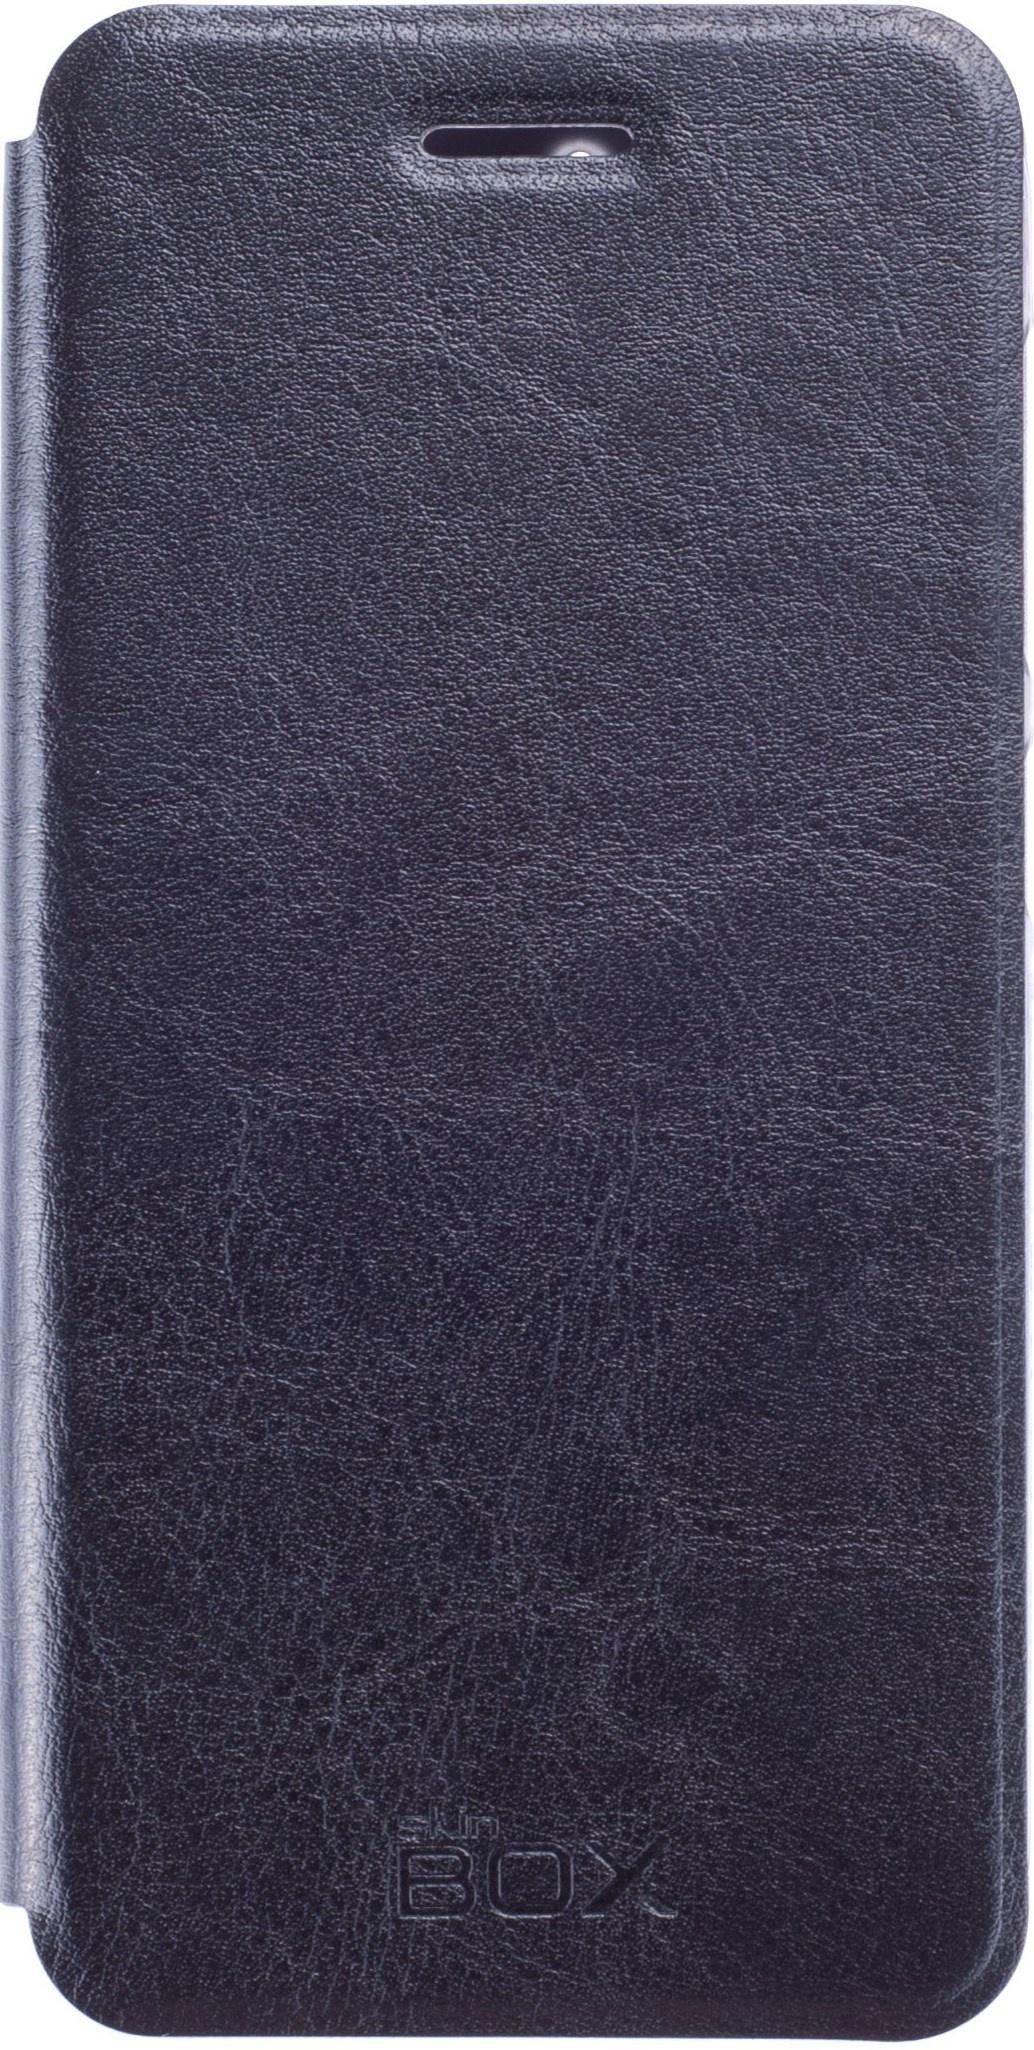 Чехол для сотового телефона skinBOX Lux, 4660041406870, черный